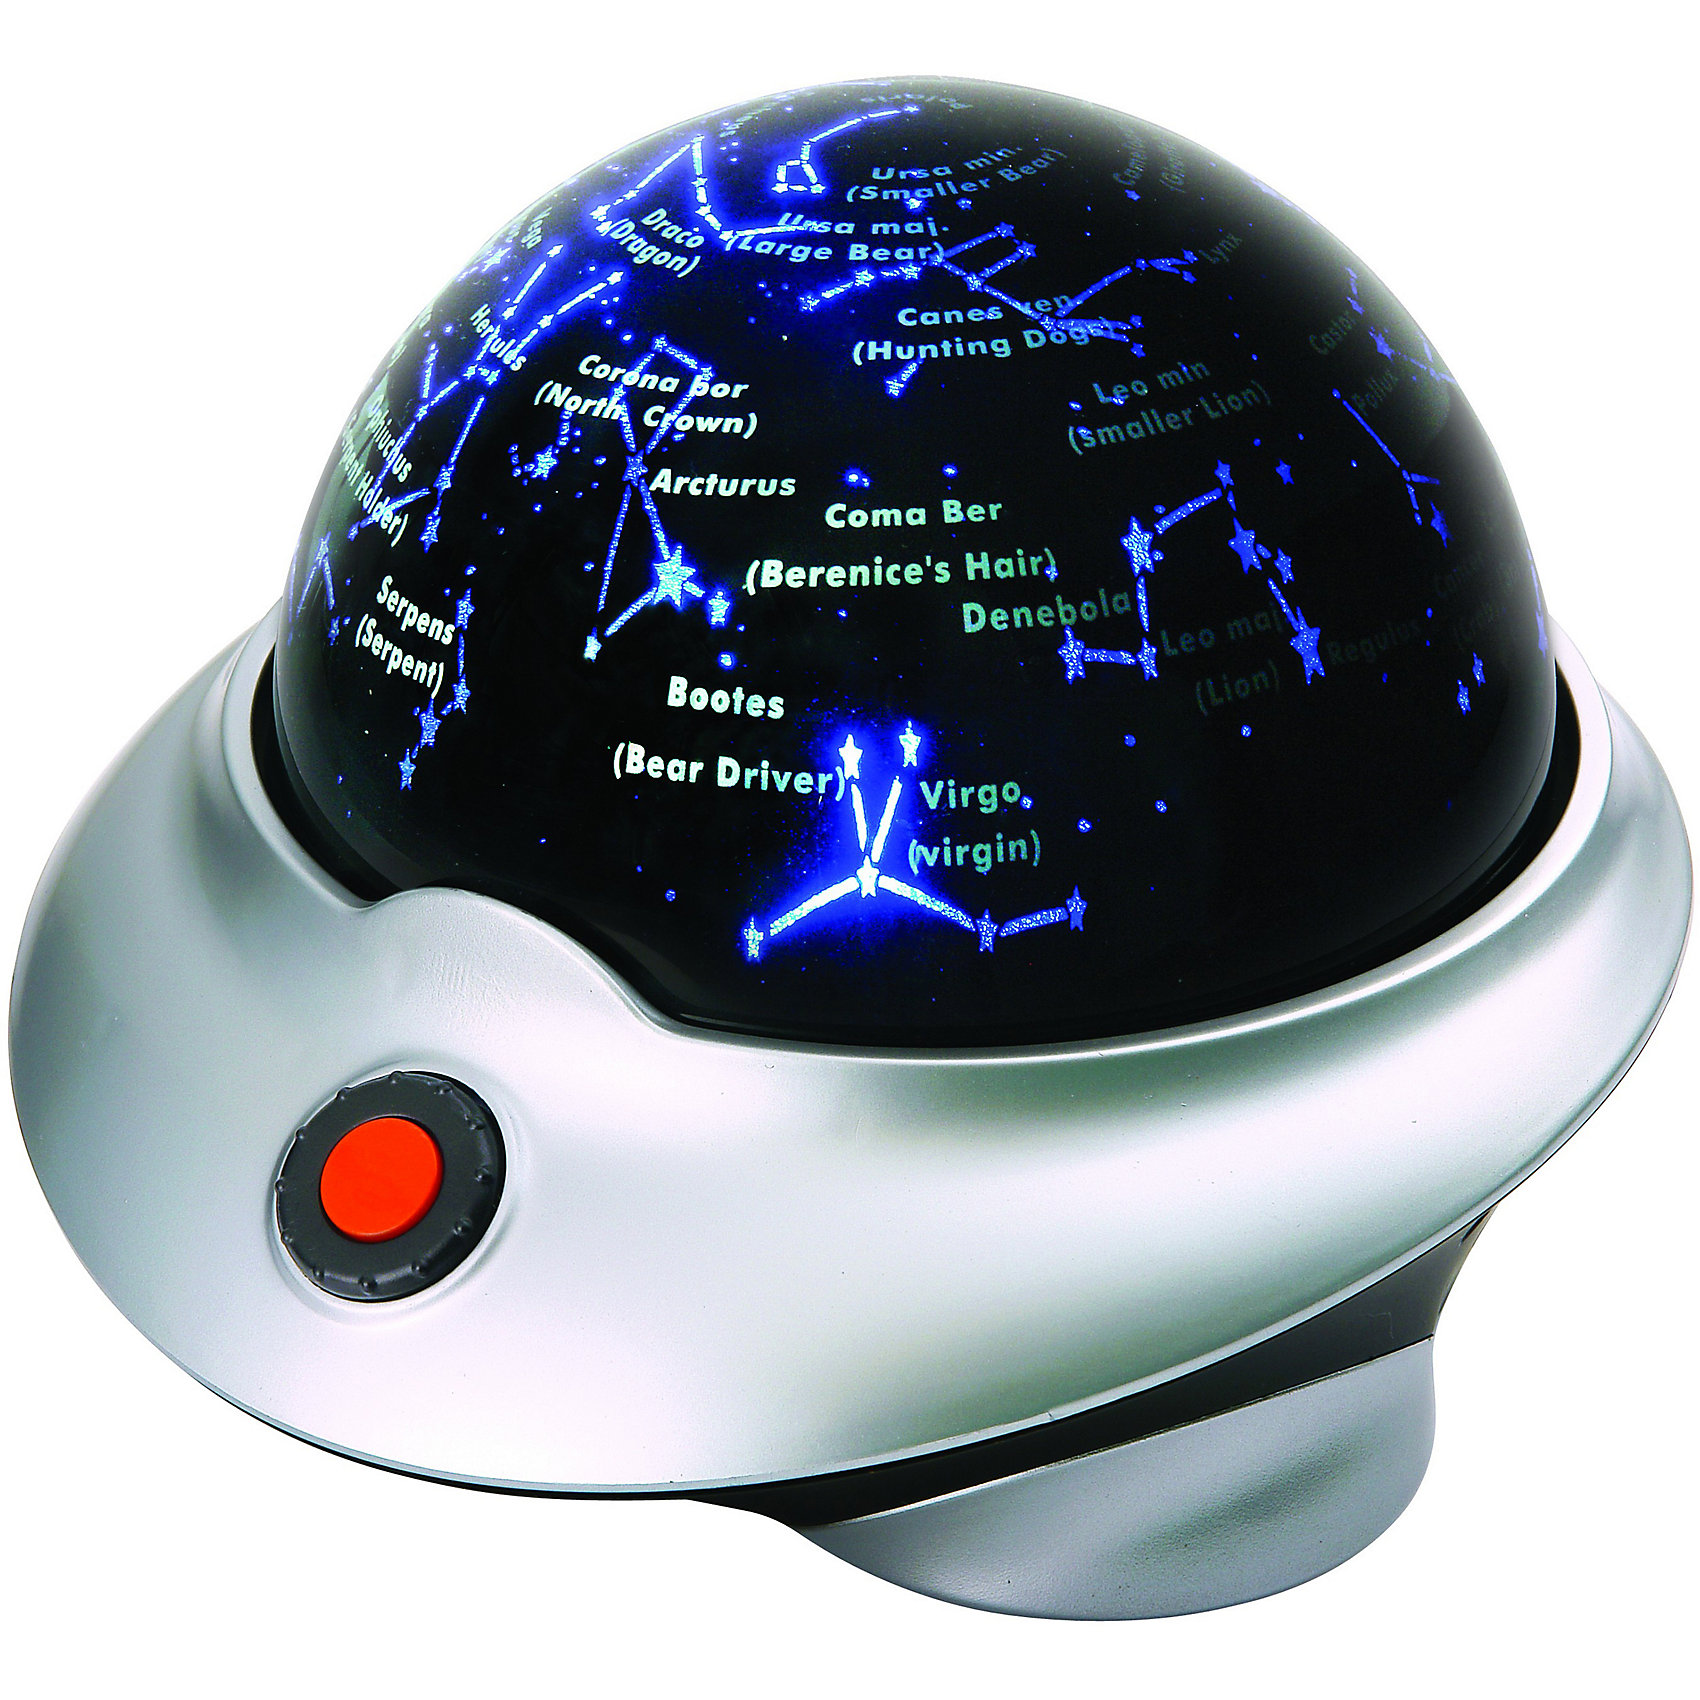 Планетарий, Edu-ToysОригинальная обучающая игрушка Планетарий, Edu-Toys совмещает в себе сразу две функции: это мини-планетарий, который познакомит Вашего ребенка со звездами и созвездиями и замечательный ночник, под который так приятно засыпать. Планетарий представляет собой сферу на устойчивой подставке, при включении она начинает вращаться и проецировать на потолок изображение звездного неба. Плывущие по ночному небу звезды и планеты выглядят очень реалистично и создают впечатляющие визуальные эффекты. Вращение сферы сопровождается рассказом о созвездиях и связанных с ними древних мифах (на английском языке). Включается и выключается игрушка с помощью большой кнопки на корпусе, громкость звука можно регулировать. В комплекте также имеется лазерный указатель, которым ваш ребенок сможет играть и указывать на звезды во время обучения.<br><br>Дополнительная информация:<br><br>- В комплекте: планетарий-ночник, лазерный указатель, CyberSky CD диск с программой для изучения звездного неба, инструкция.<br>- Диаметр планетария: 18 см. <br>- Требуются батарейки: для планетария - 4 х АА (в комплект не входят), для лазерного указателя - 2 х АА (в комплект не входят).<br>- Размер упаковки: 25,5 х 24,5 х 18,5 см.<br>- Вес: 0,87 кг.<br><br>Планетарий, Edu-Toys, можно купить в нашем интернет-магазине.<br><br>Ширина мм: 255<br>Глубина мм: 245<br>Высота мм: 185<br>Вес г: 870<br>Возраст от месяцев: 96<br>Возраст до месяцев: 144<br>Пол: Унисекс<br>Возраст: Детский<br>SKU: 4013706